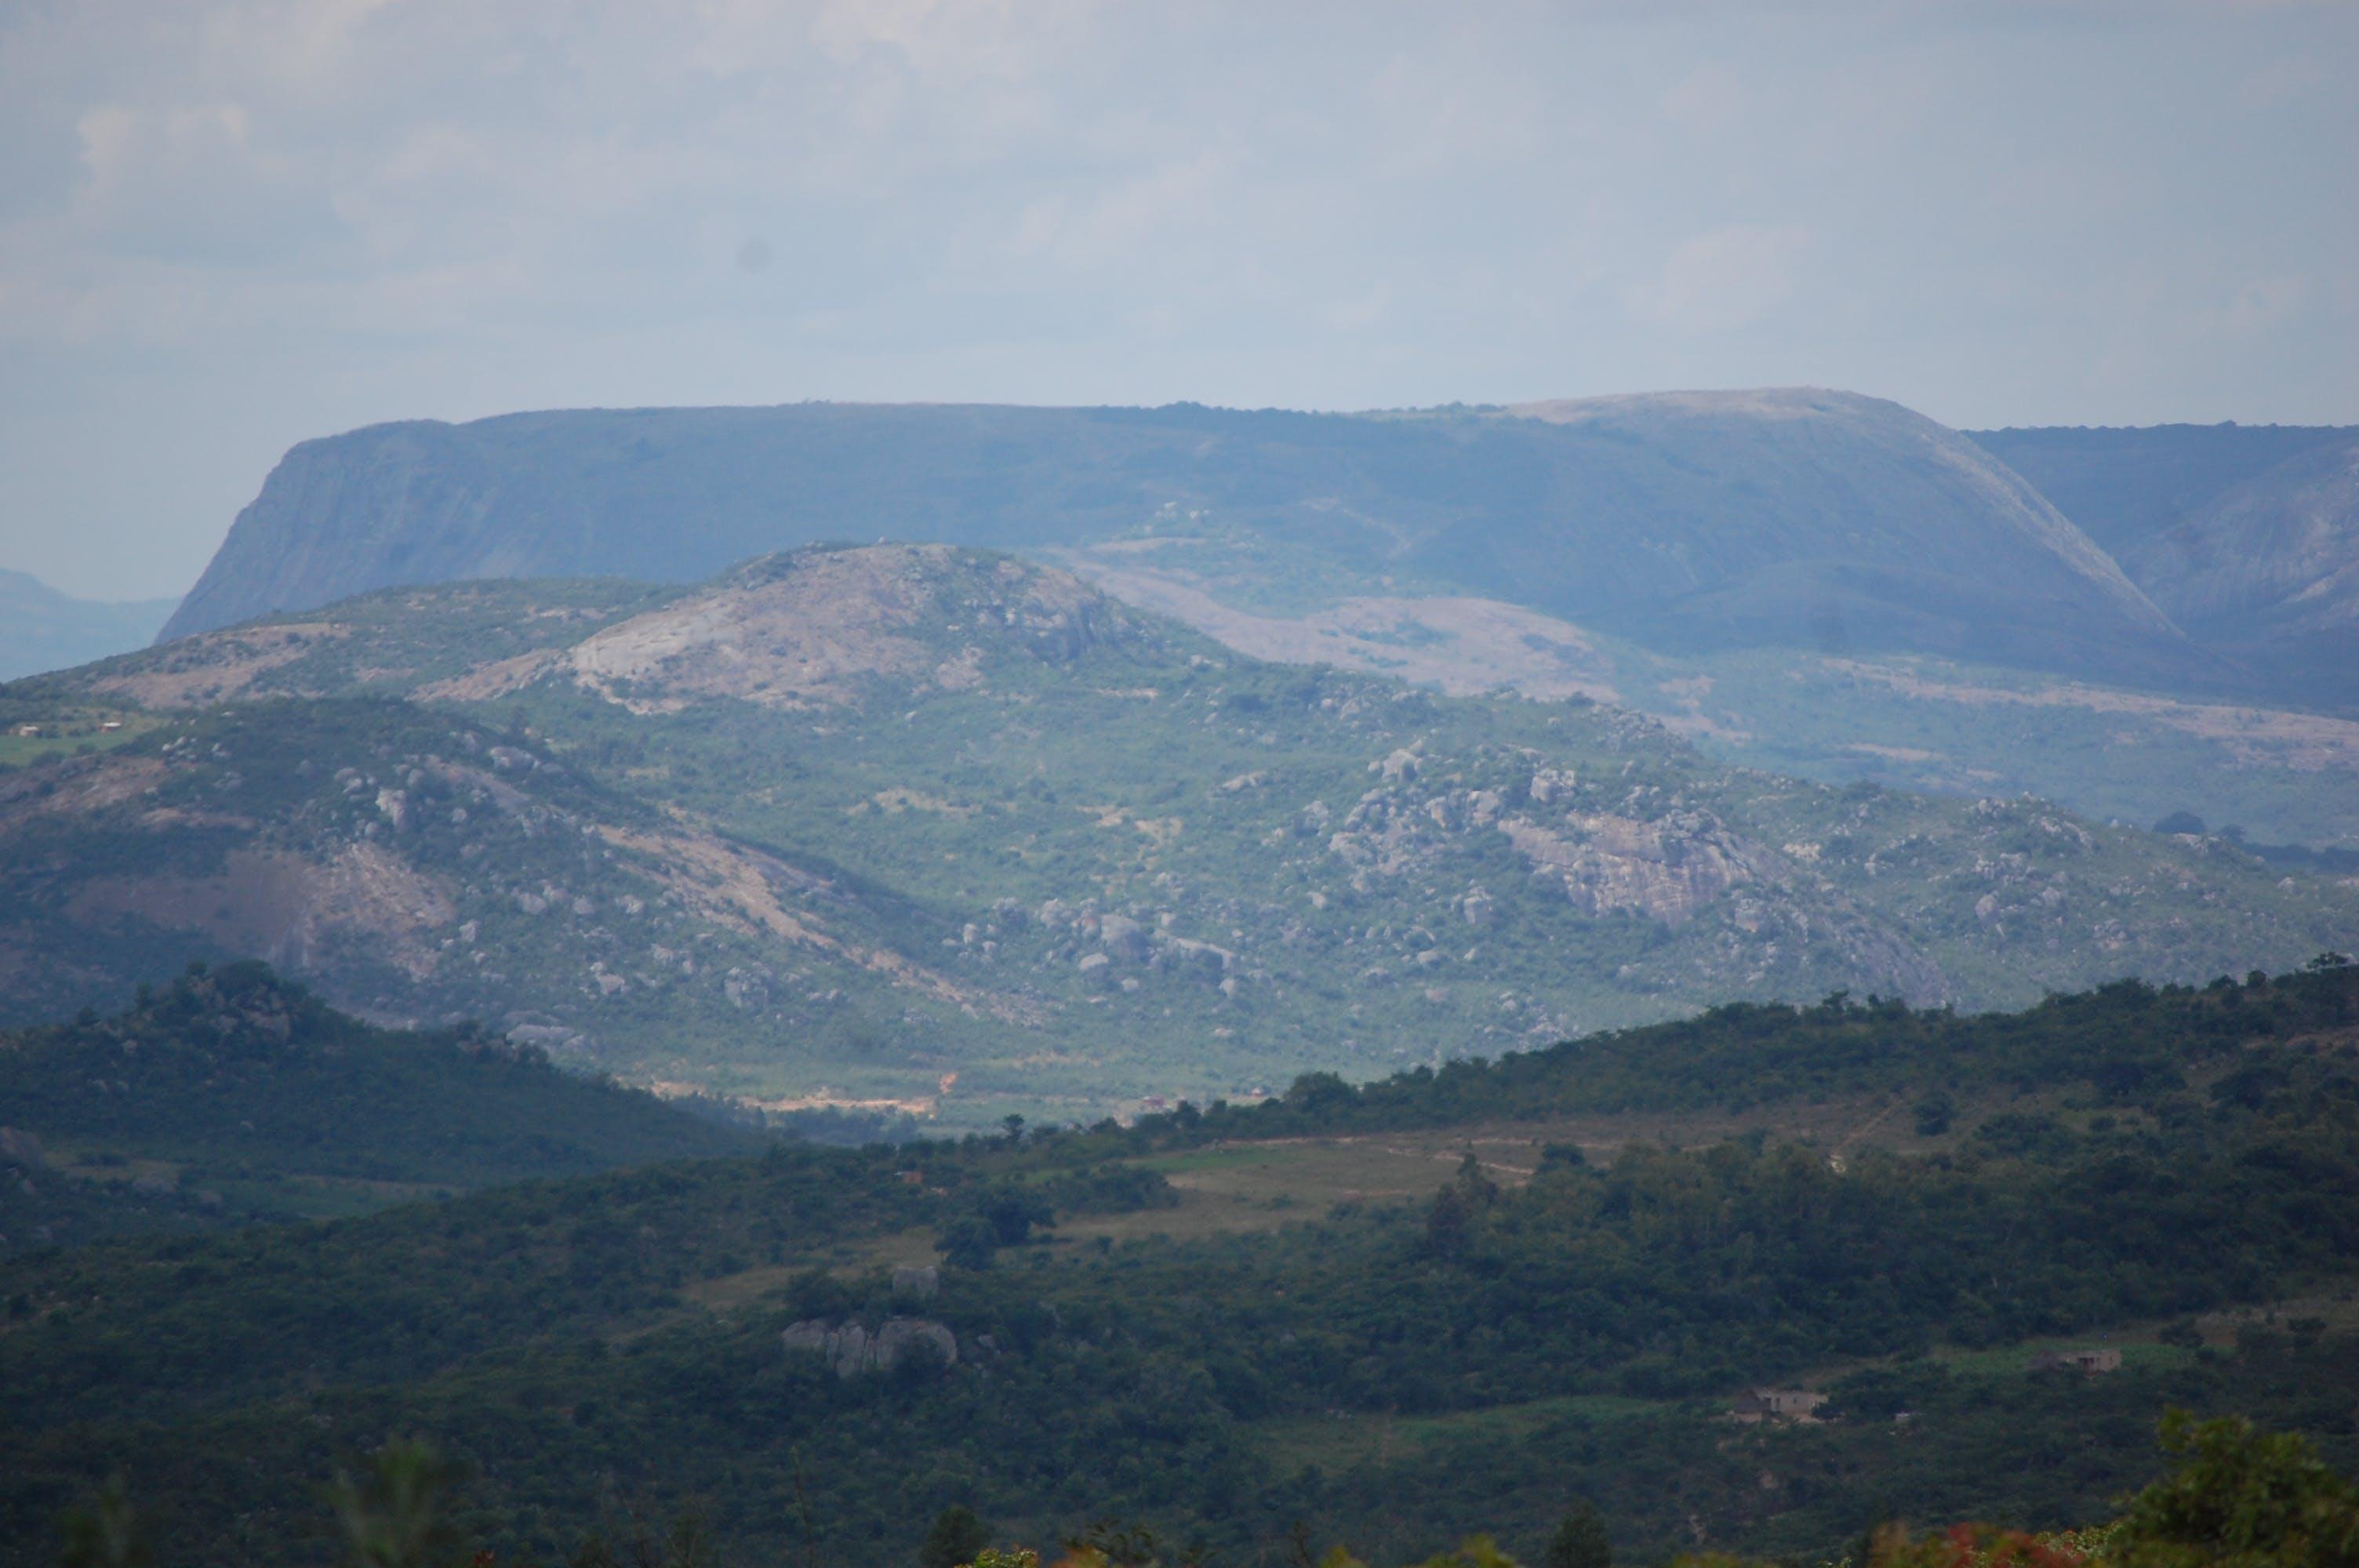 Free stock photo of rocky mountains